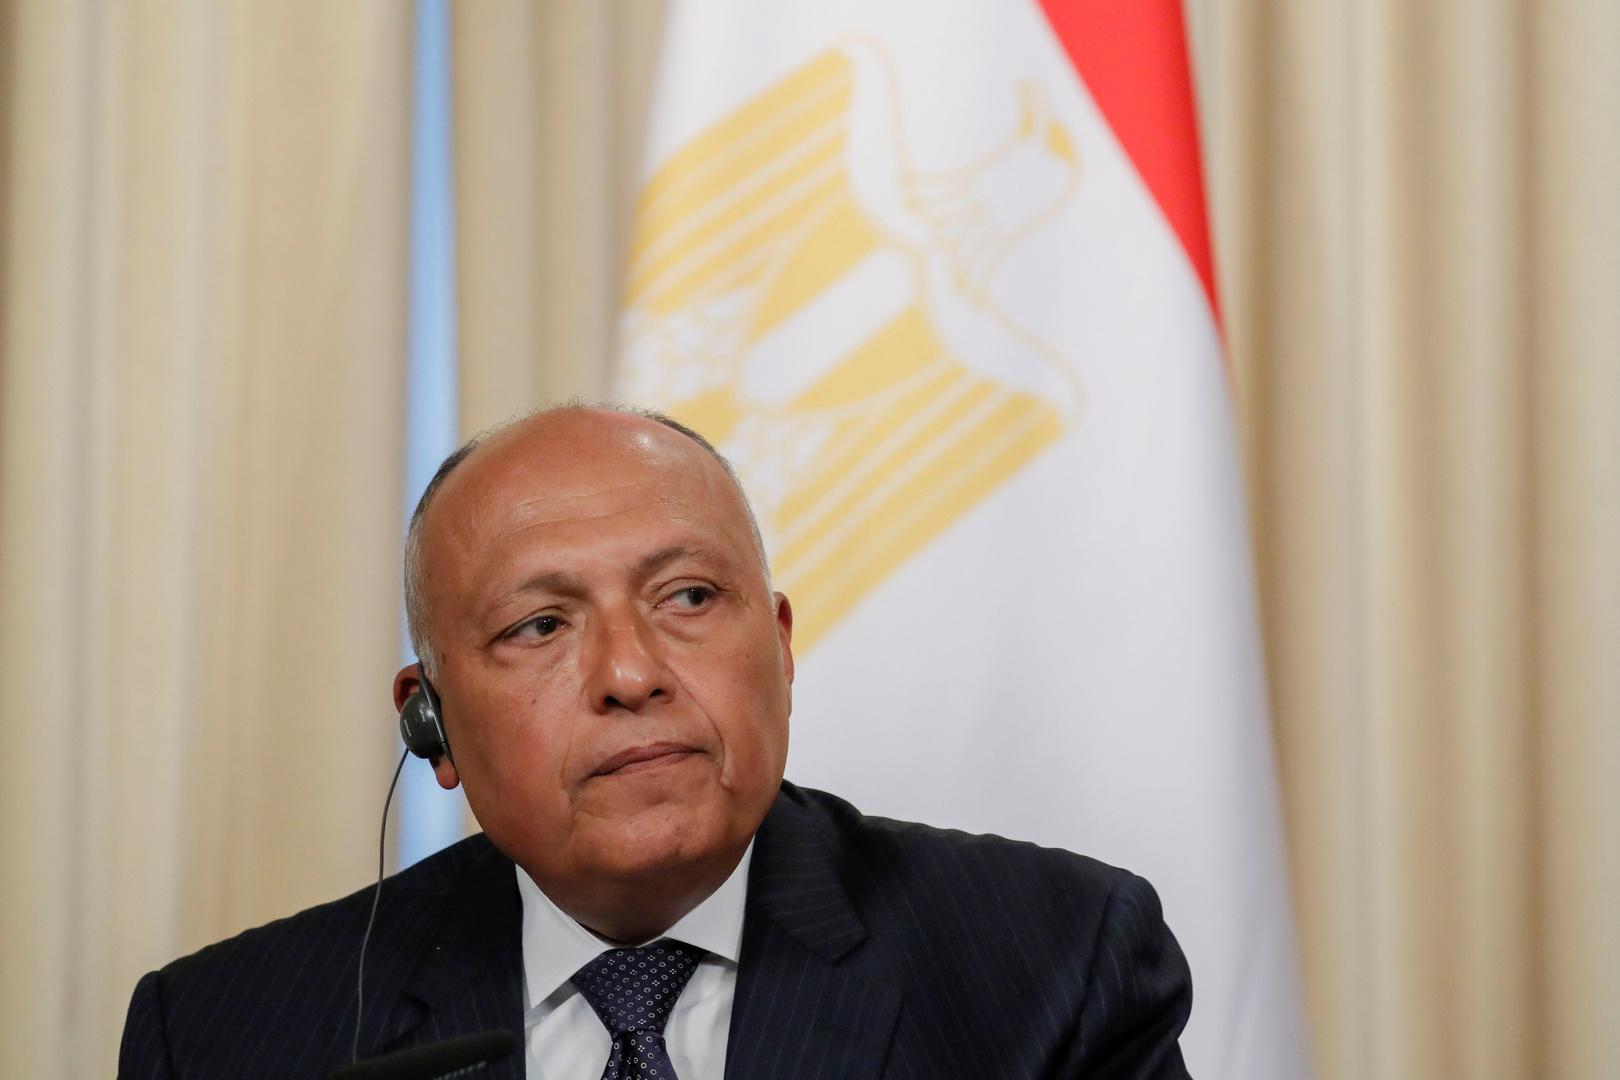 اجتماع تنسيقي في القاهرة بشأن ليبيا والجامعة العربية تدعو للعودة إلى الحوار